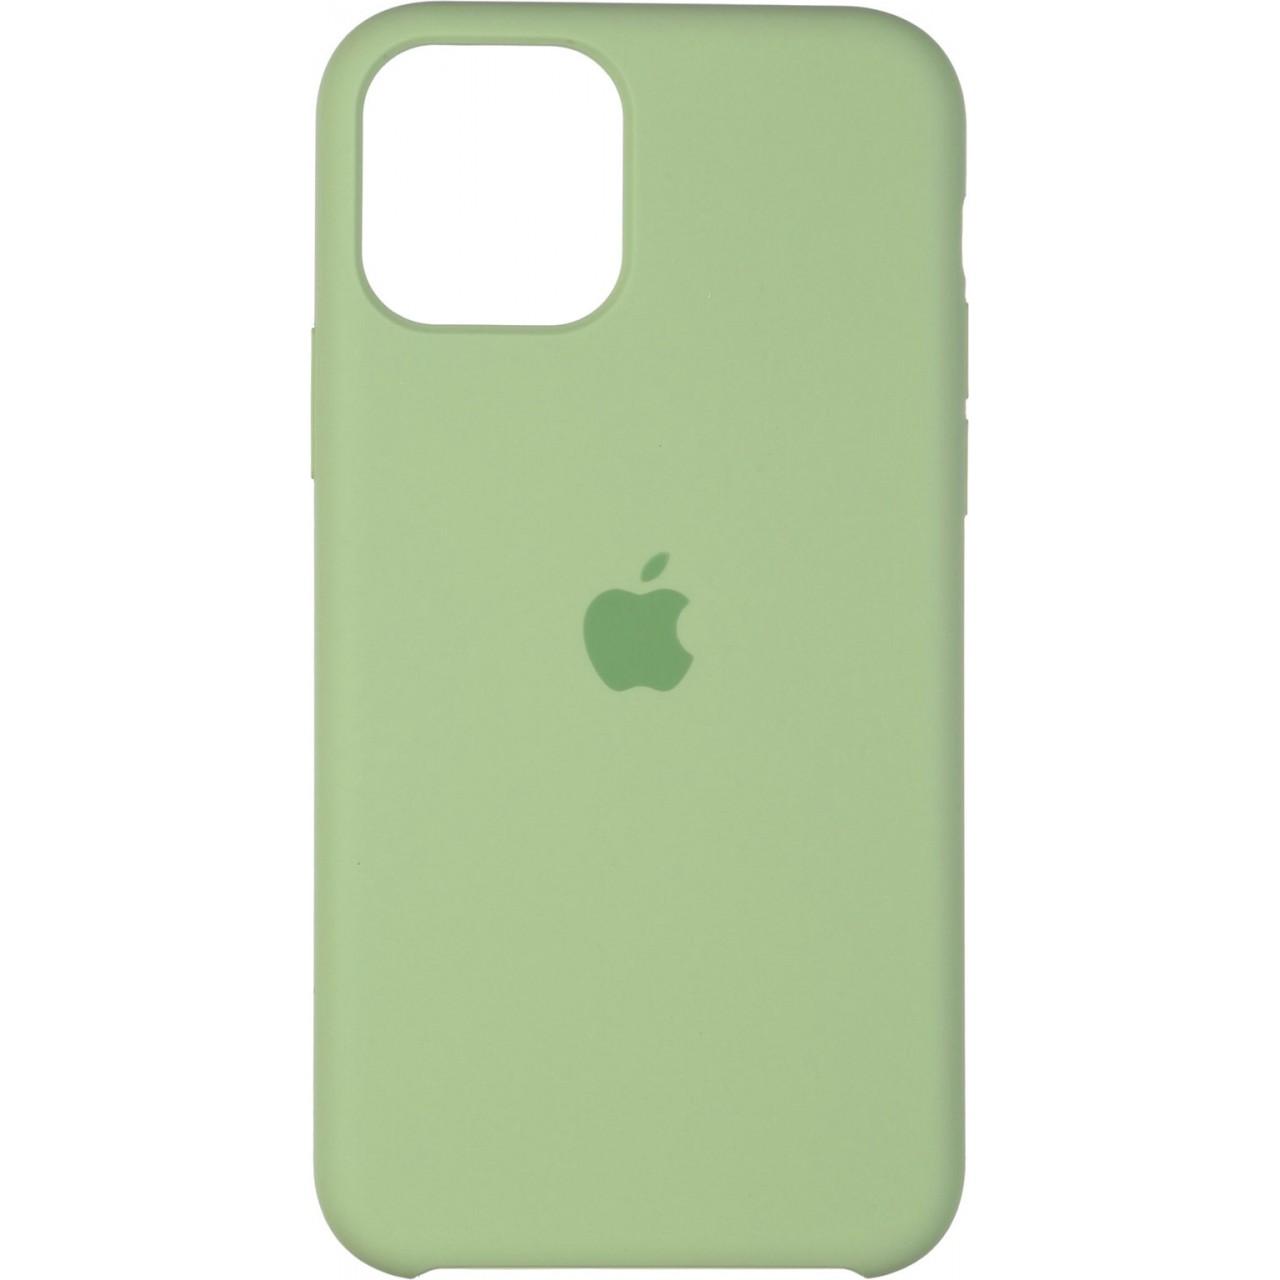 ΘΗΚΗ ΠΡΟΣΤΑΣΙΑΣ ΣΙΛΙΚΟΝΗΣ ΓΙΑ iPhone 11 PRO ΜΕΝΤΑ - BACK COVER SILICONE CASE MINT - OEM